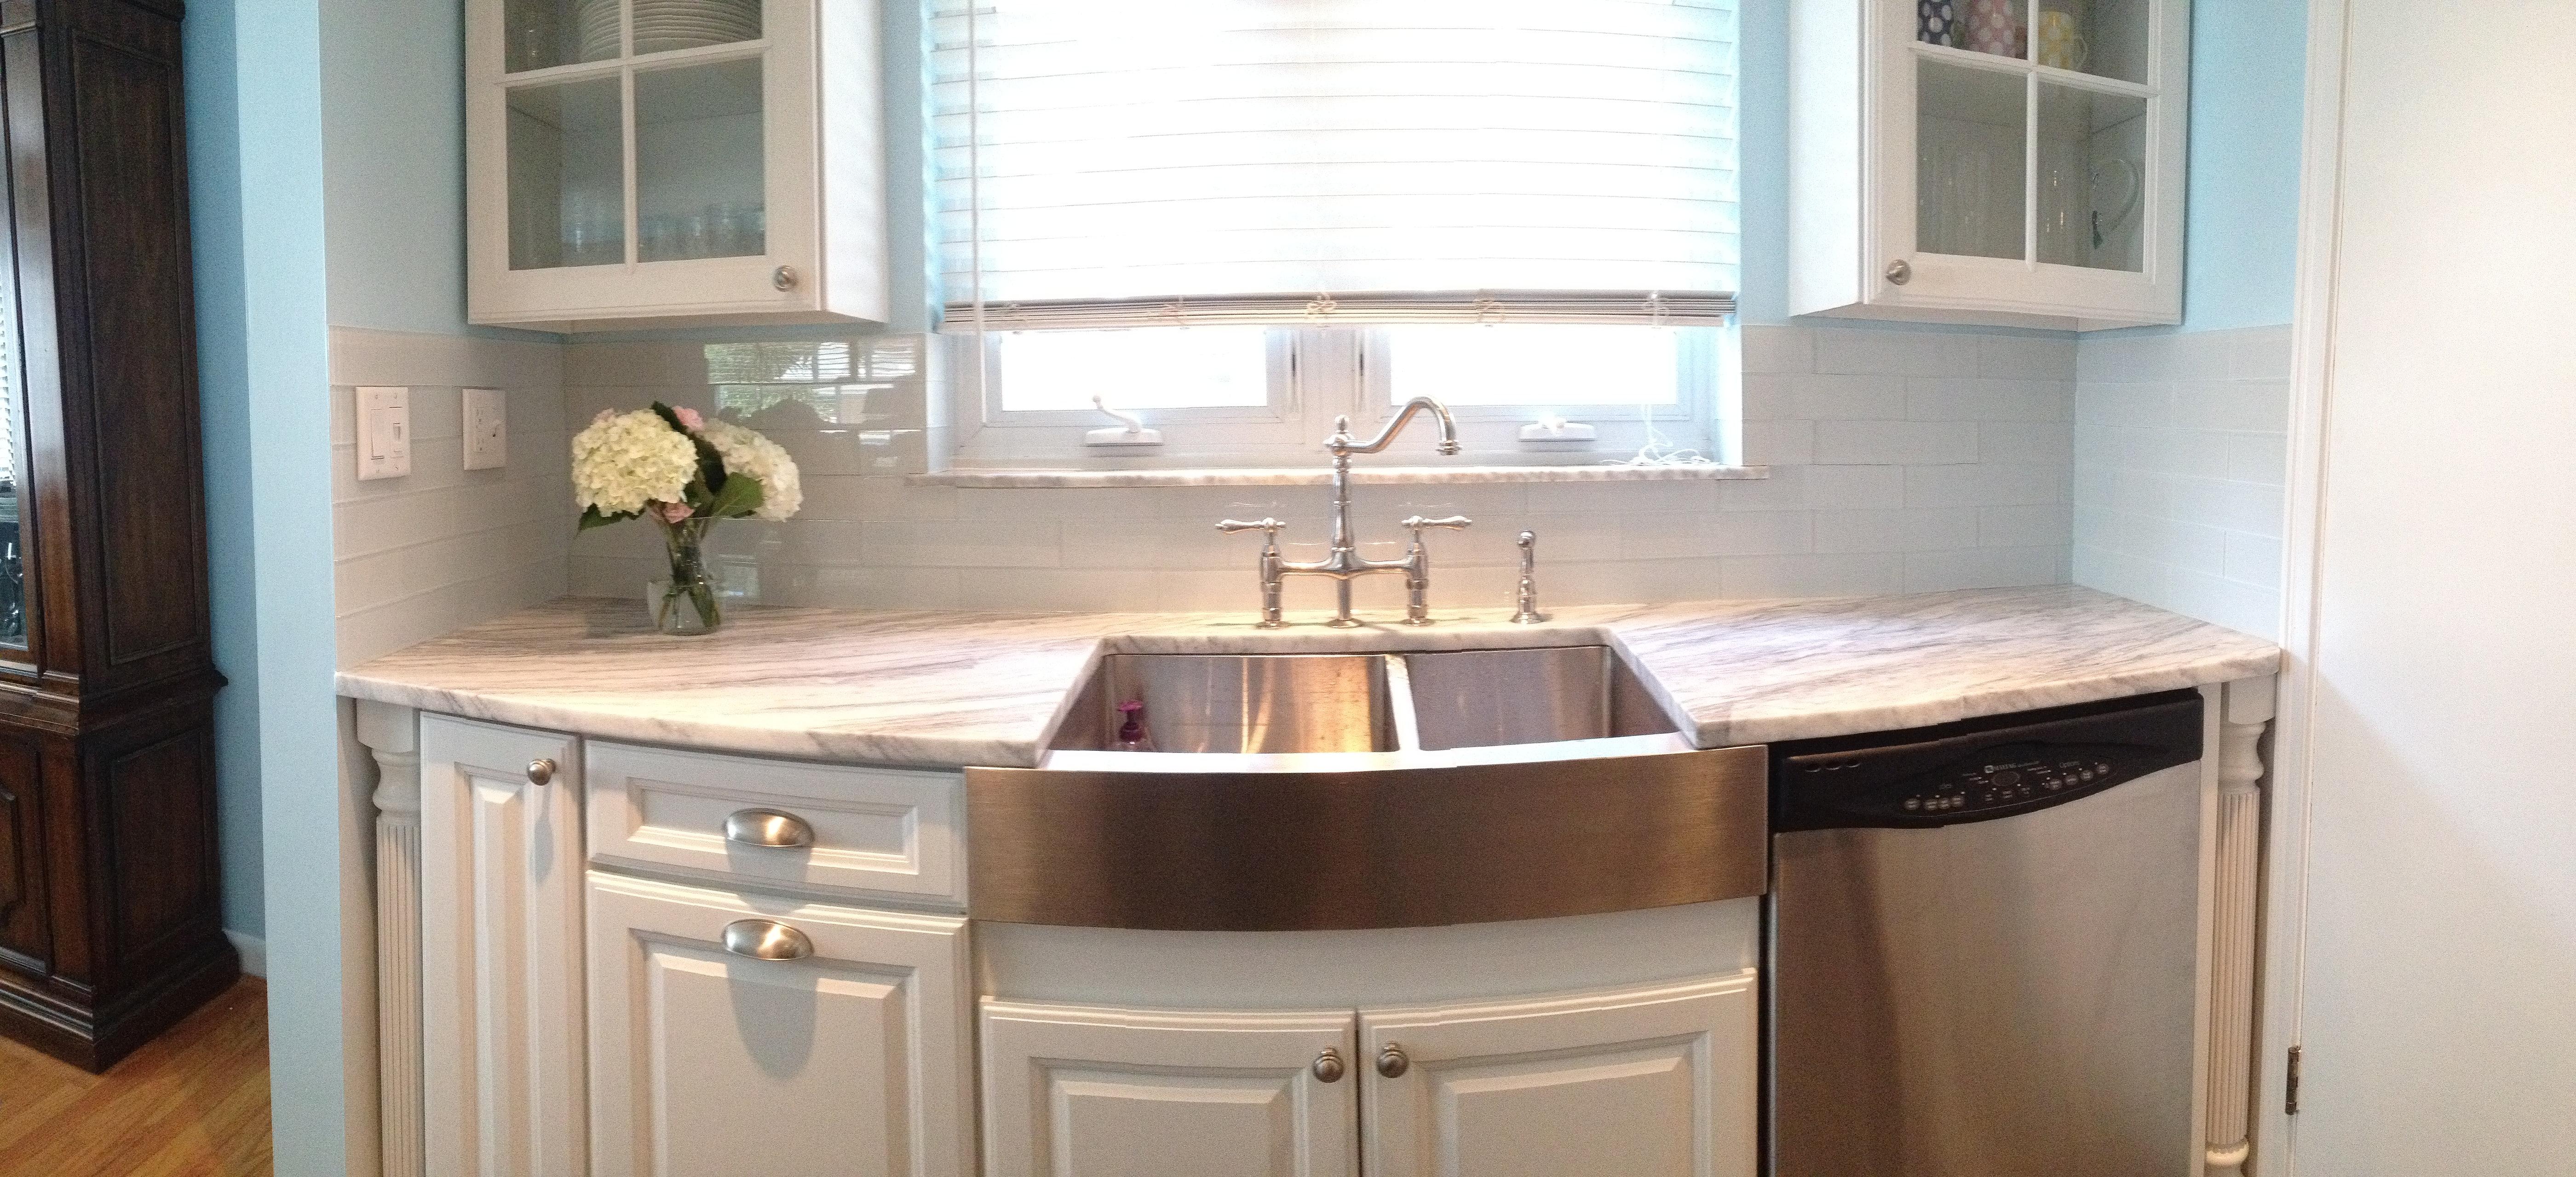 showreadyohio kitchen remodel cincinnati Deer Park Kitchen Remodel